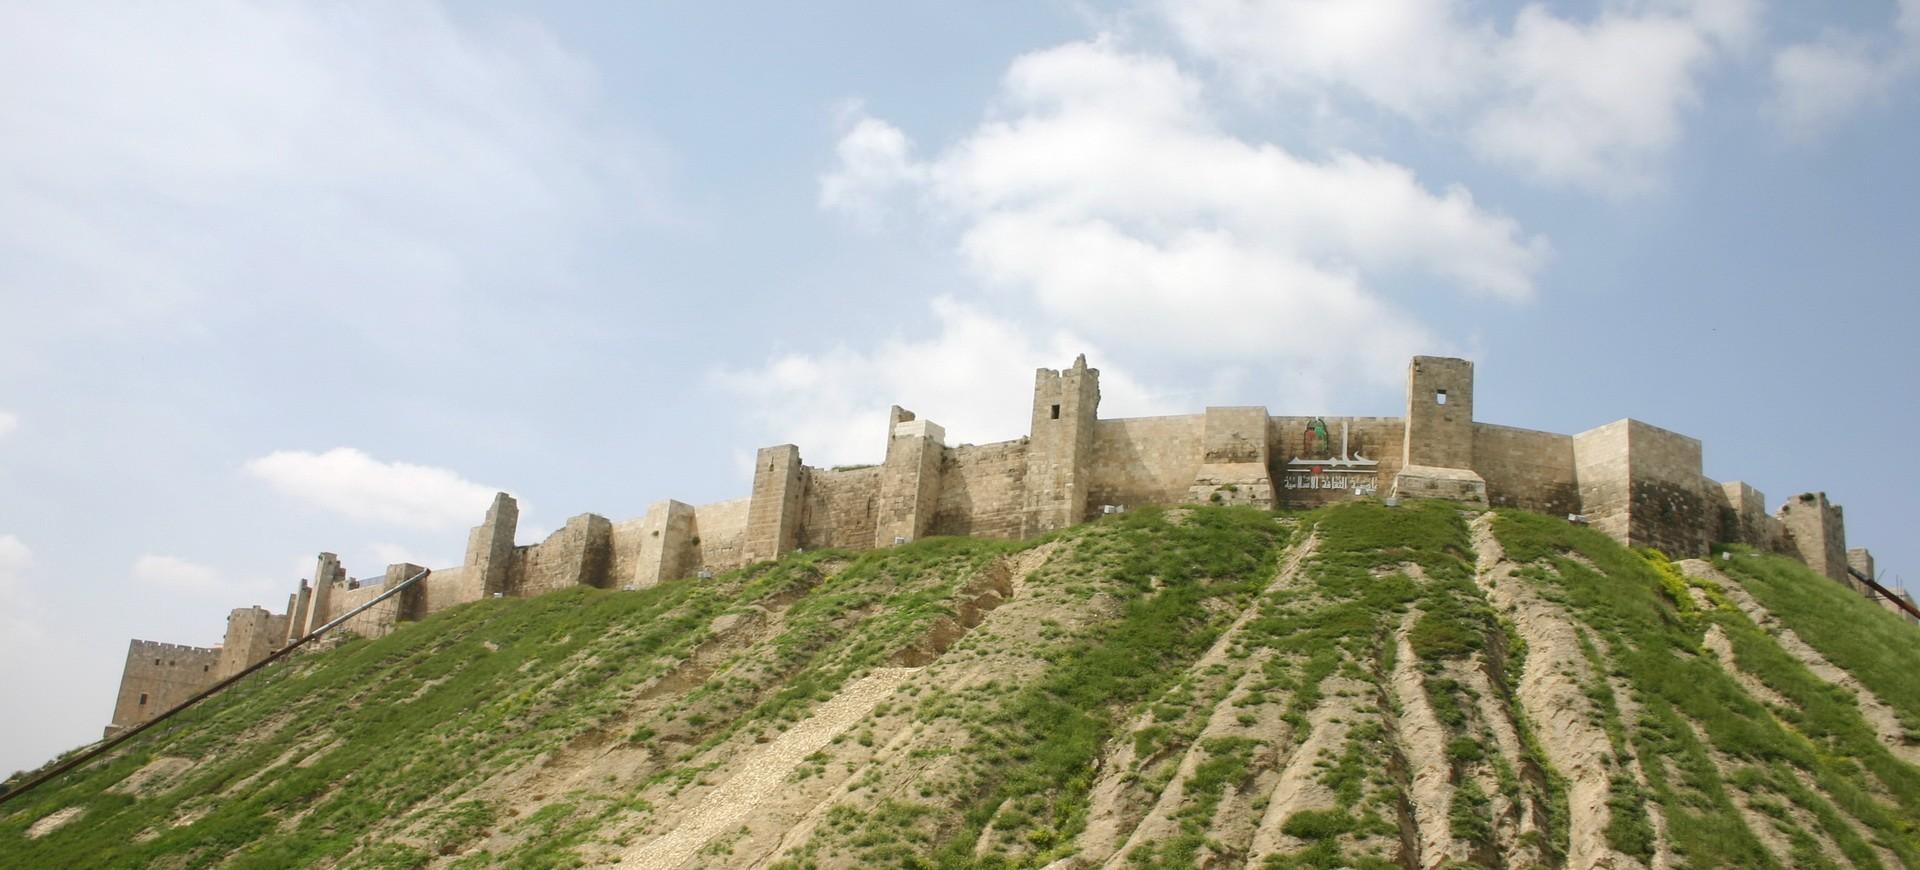 Syrie Alep Citadelle